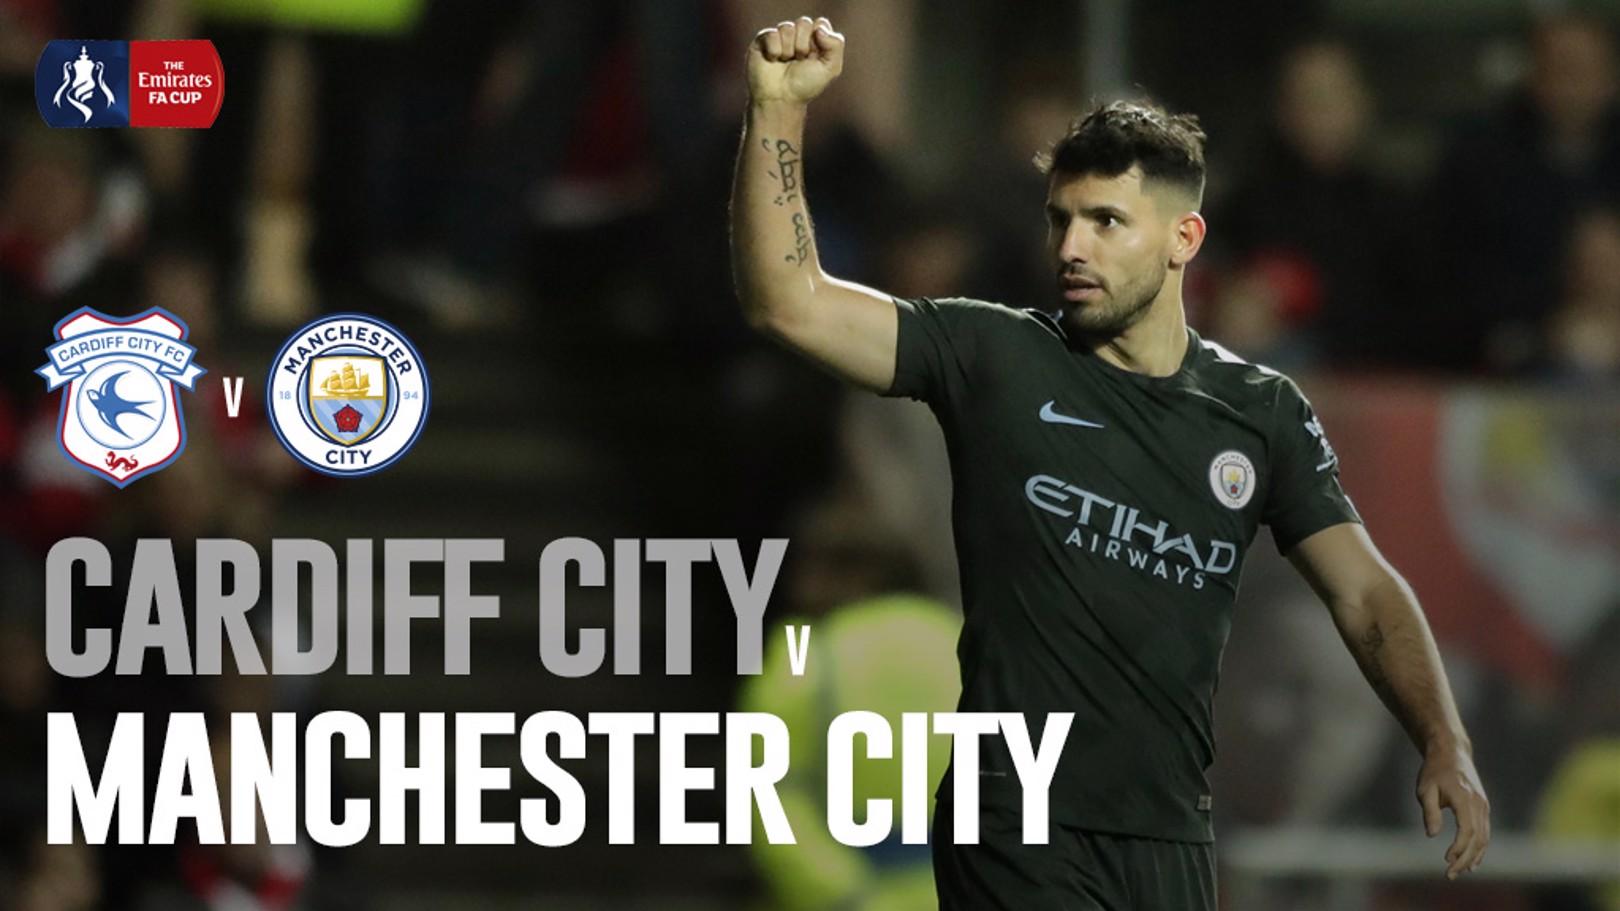 CARDIFF CITY – CITY. Cuarta ronda de la FA Cup.